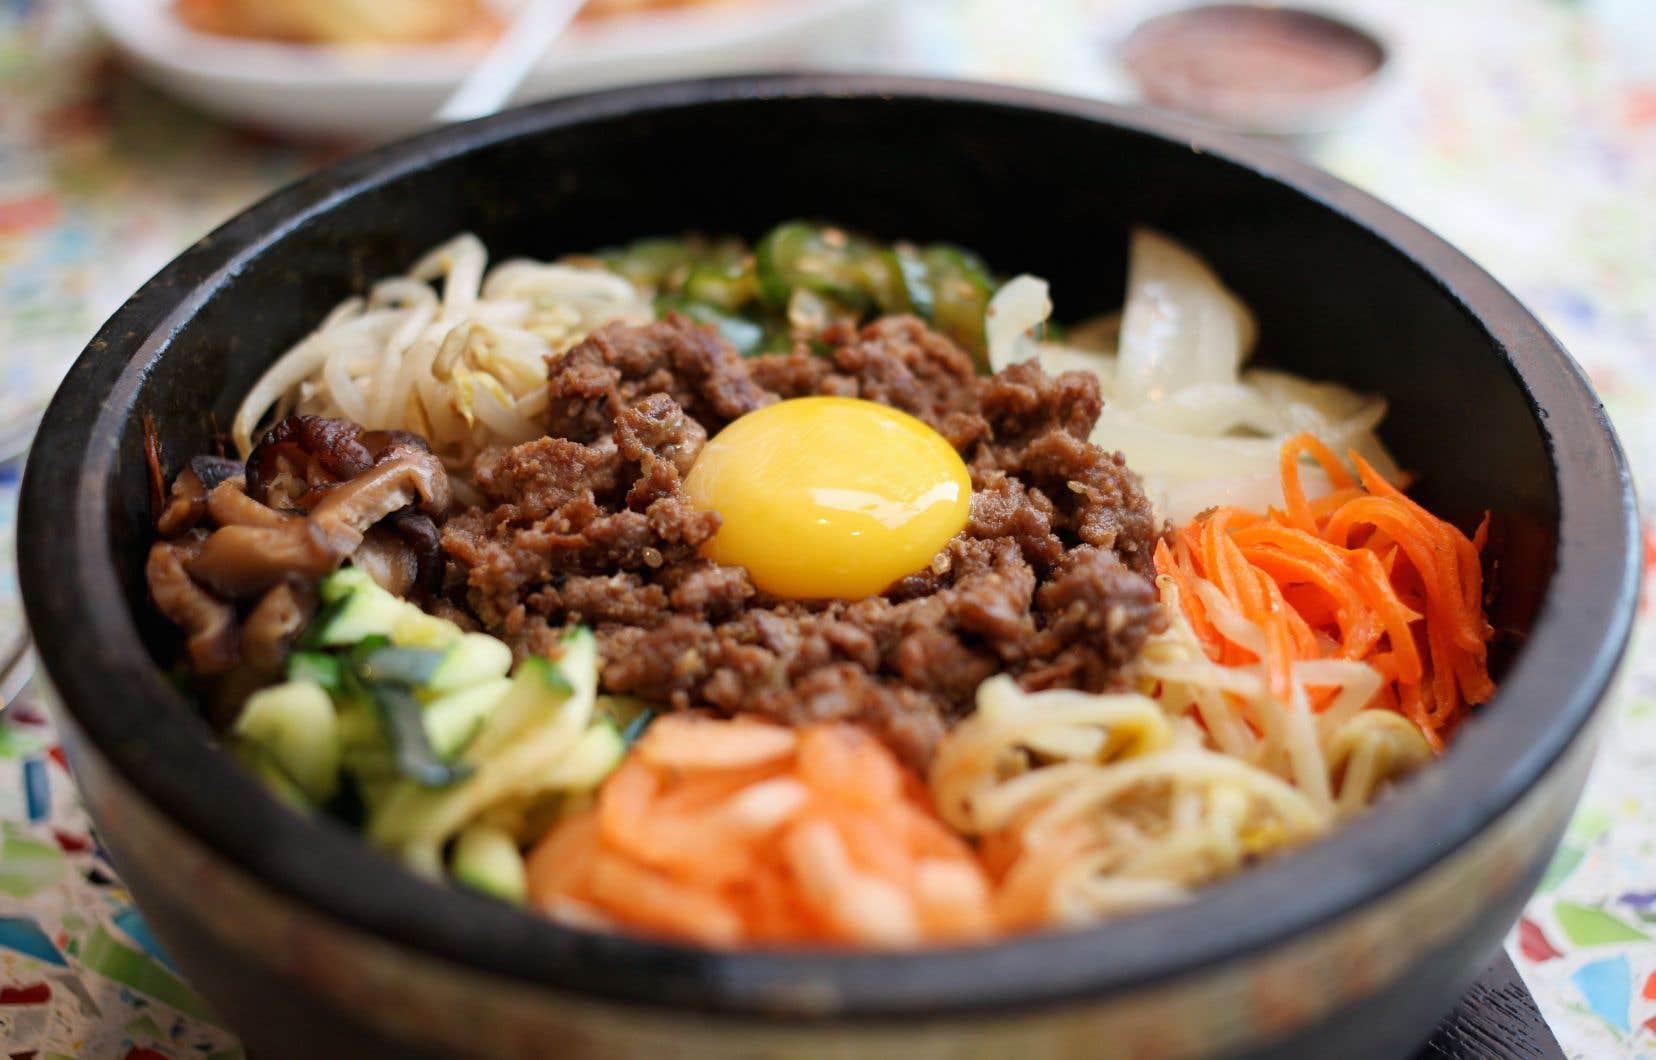 Voyage culinaire entre pyeongchang et montr al fil for Cuisine coreenne